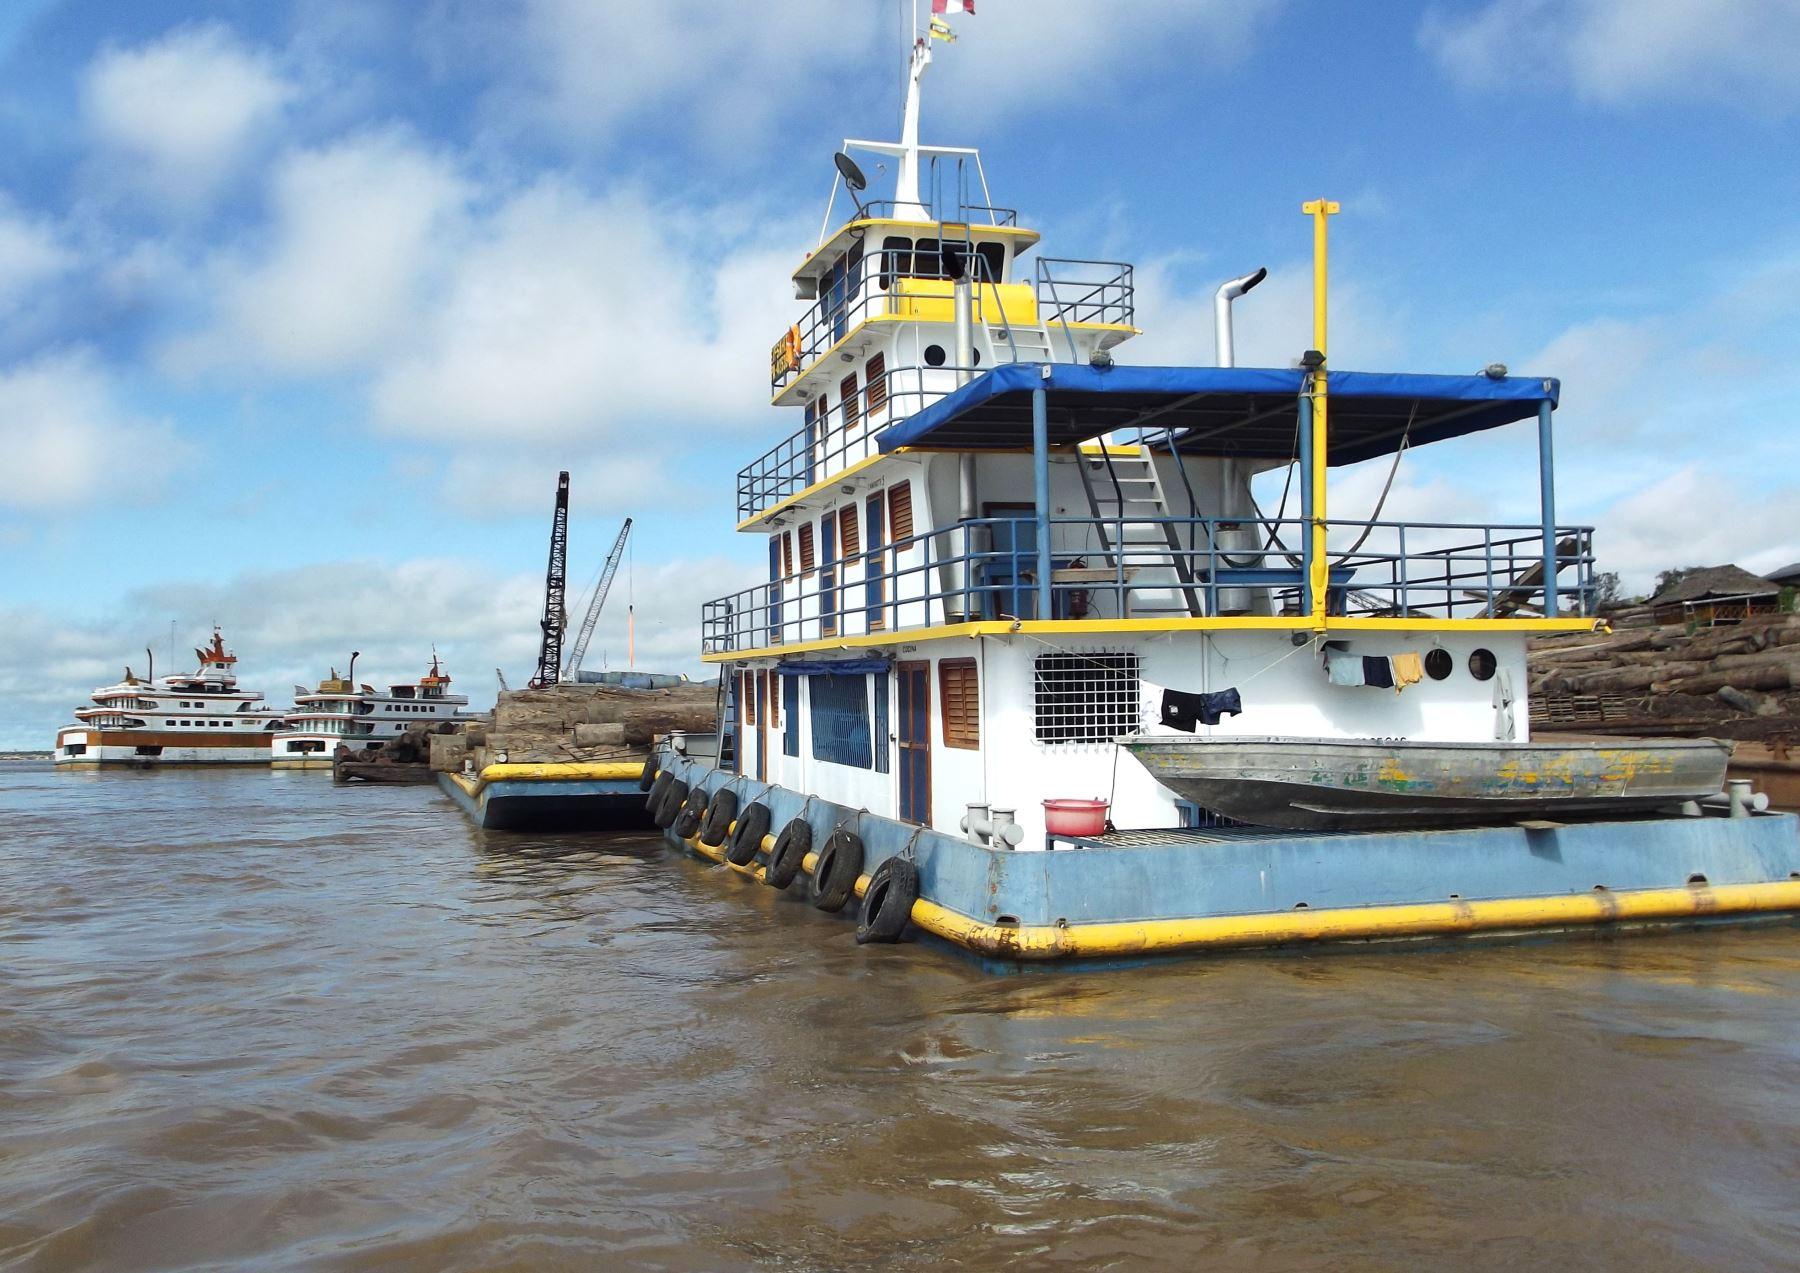 La organización indígena más importante de Loreto y Ucayali se opone al proyecto Hidrovía Amazónica